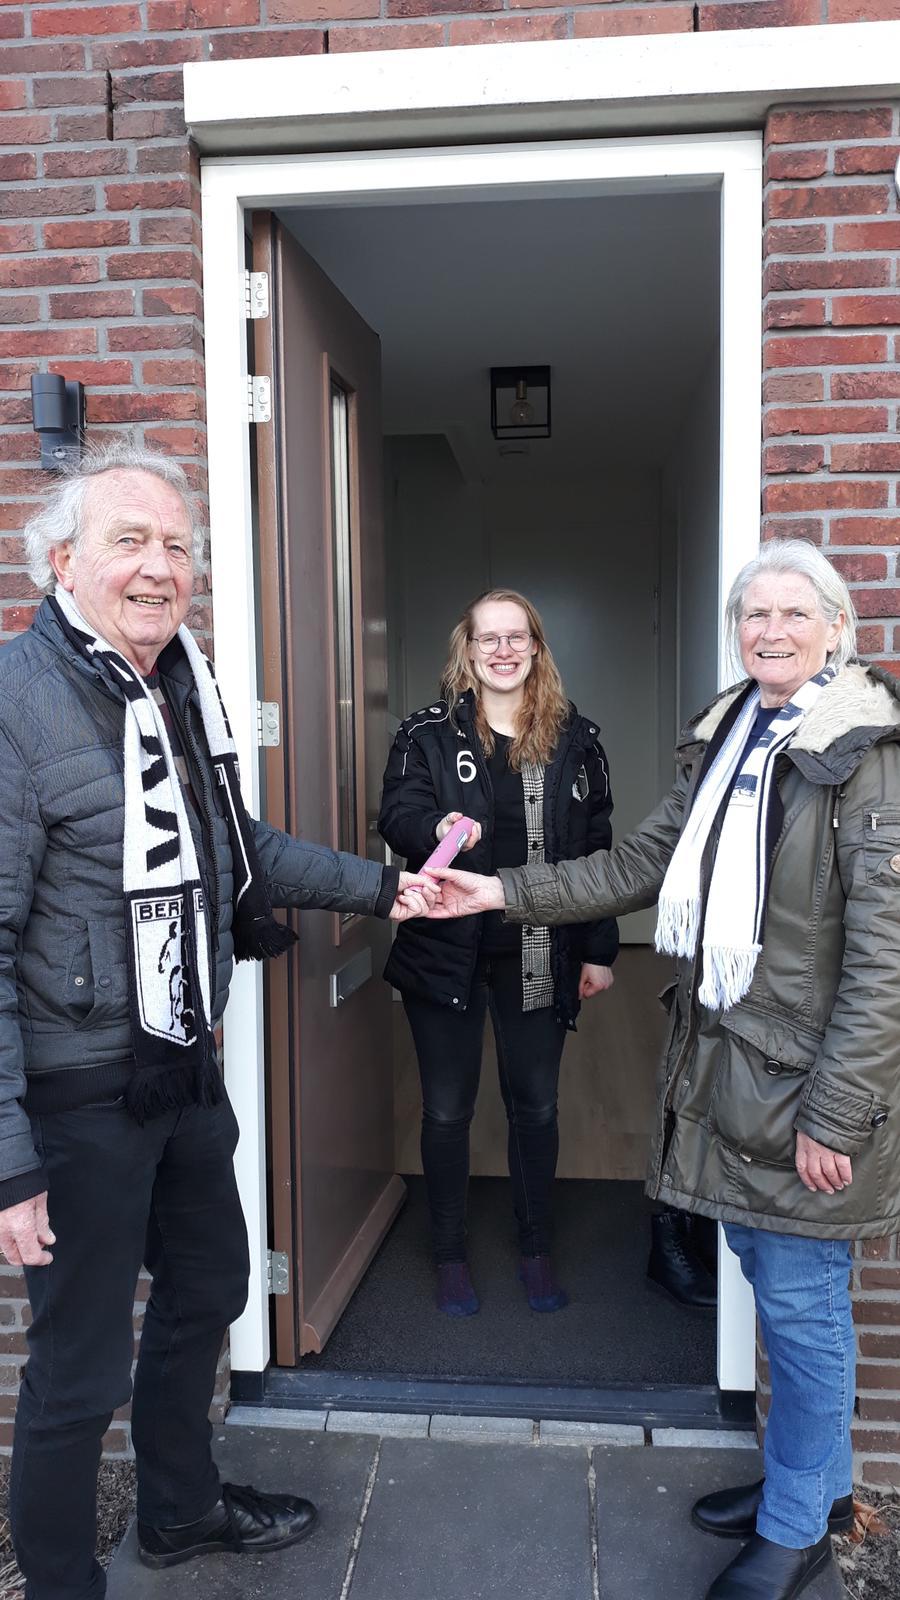 Actie VV Berkum Postcode Loperij geslaagd!